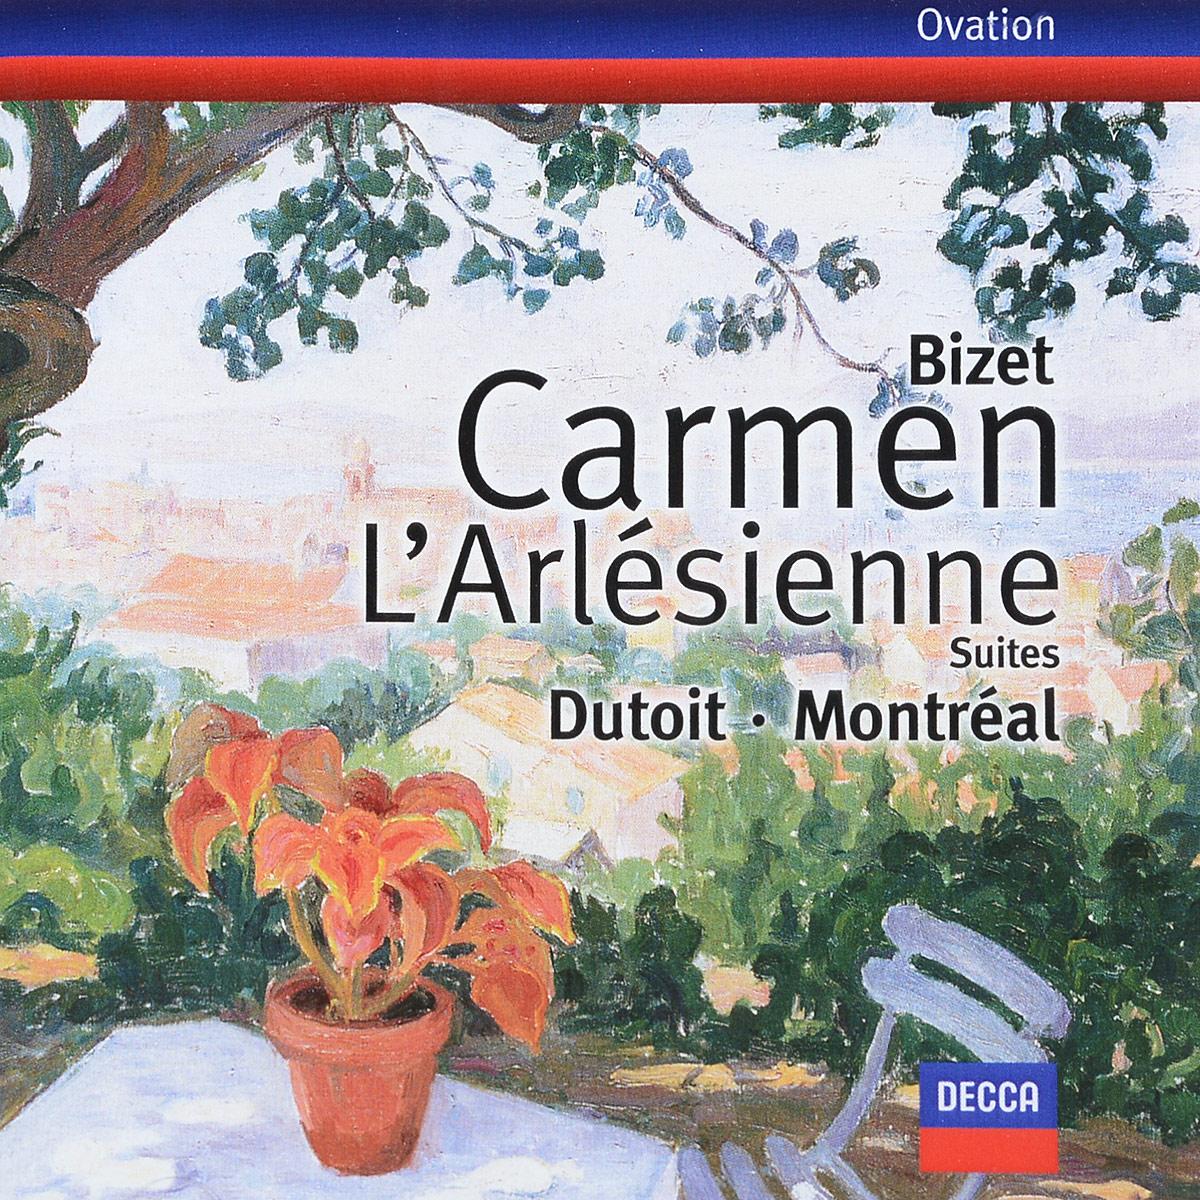 Orchestre Symphonique de Montreal; Dutoit, Charles - Bizet: Carmen Suites 1 & 2; L'Arlesienne Suites 1 bizet bizet carmen 3 lp